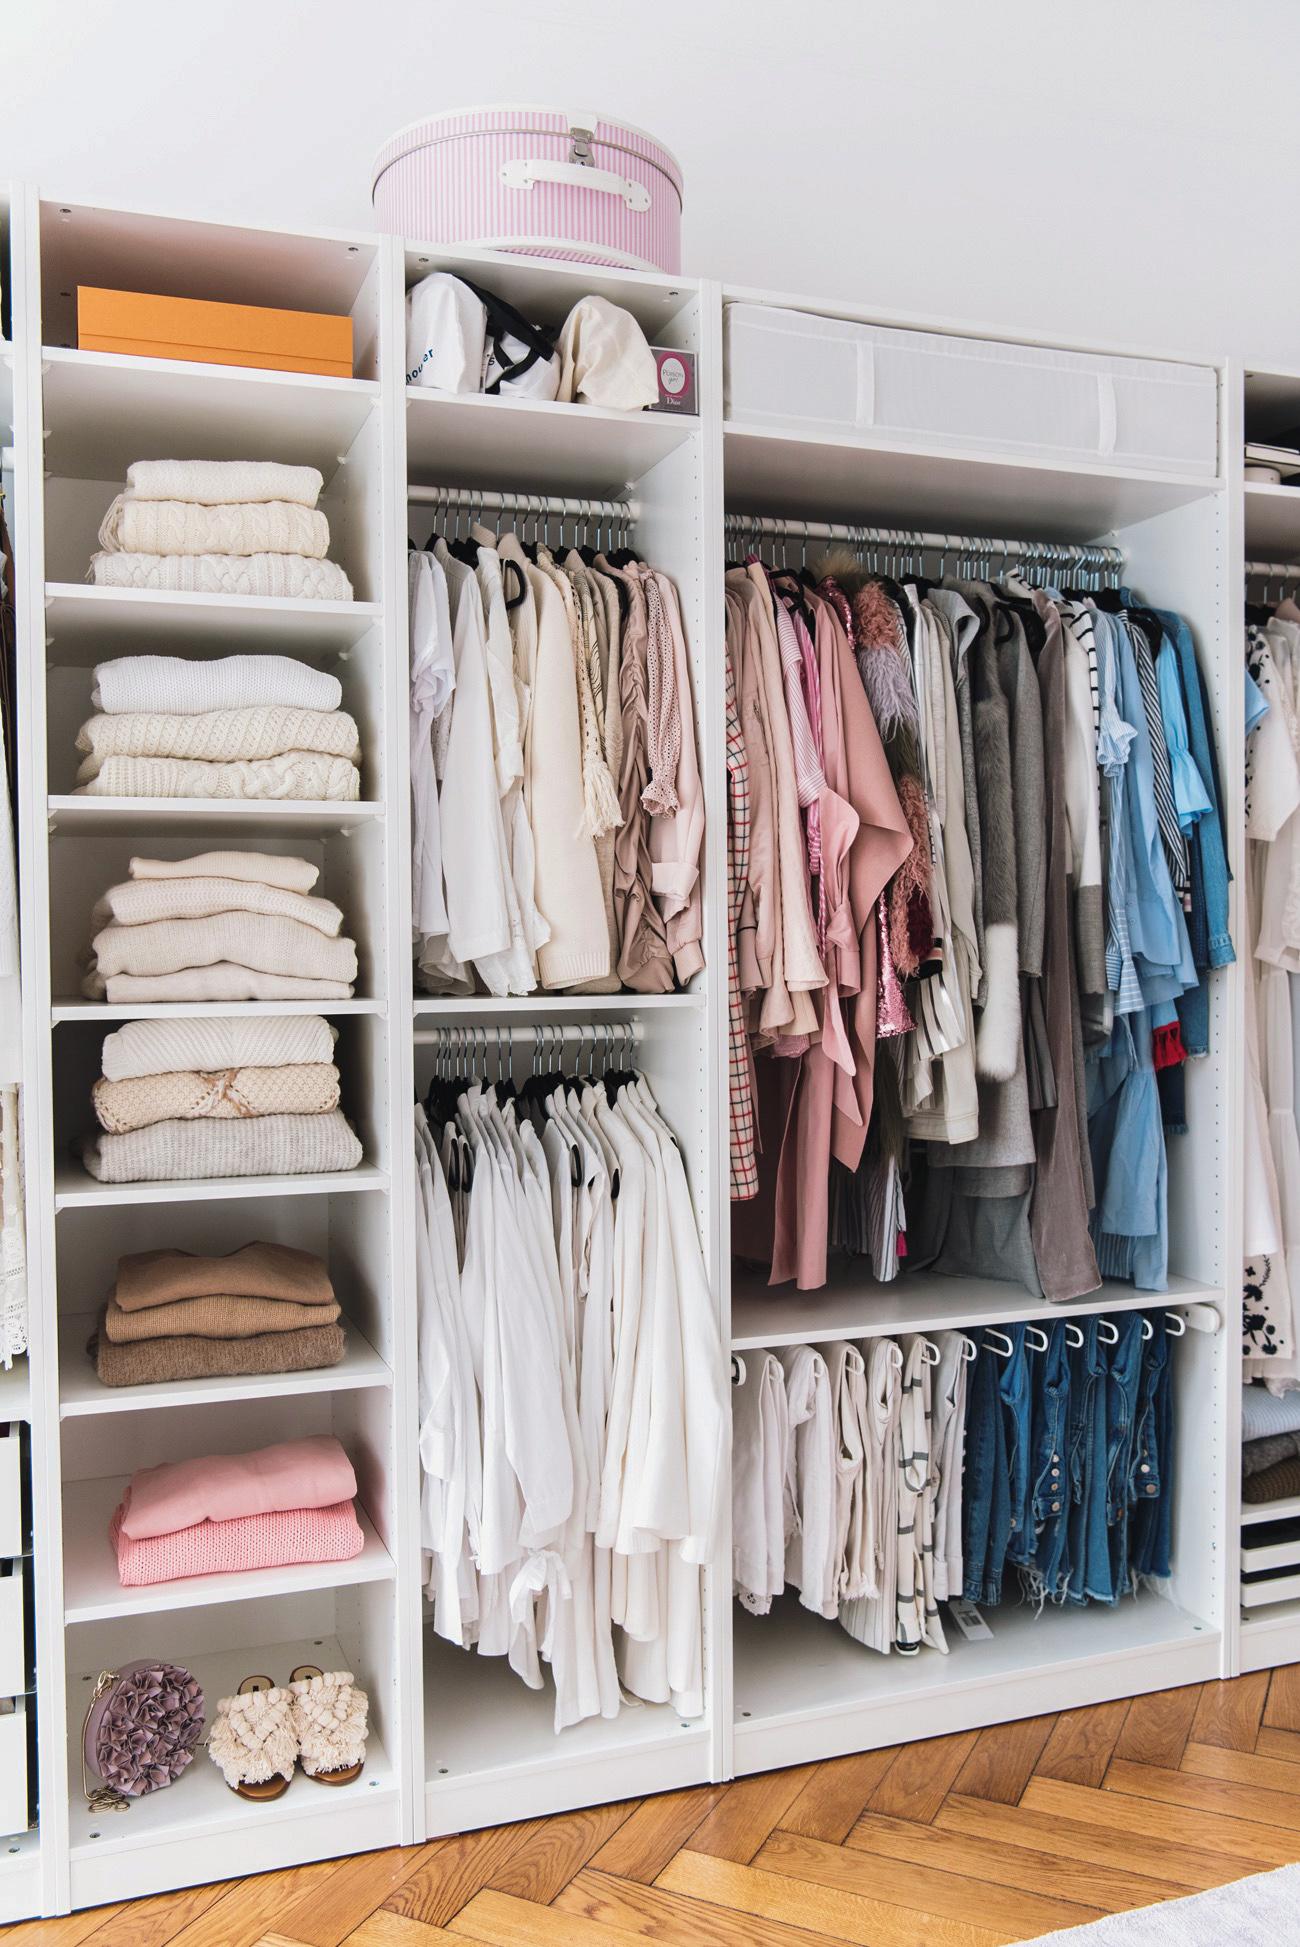 Full Size of Schrank Dachschräge Hinten Ikea 8 Tipps Kleiderschrank Organisieren Und Aufrumen Küche Eckschrank Wohnzimmer Schrankwand Hängeschrank Weiß Hochglanz Bad Wohnzimmer Schrank Dachschräge Hinten Ikea